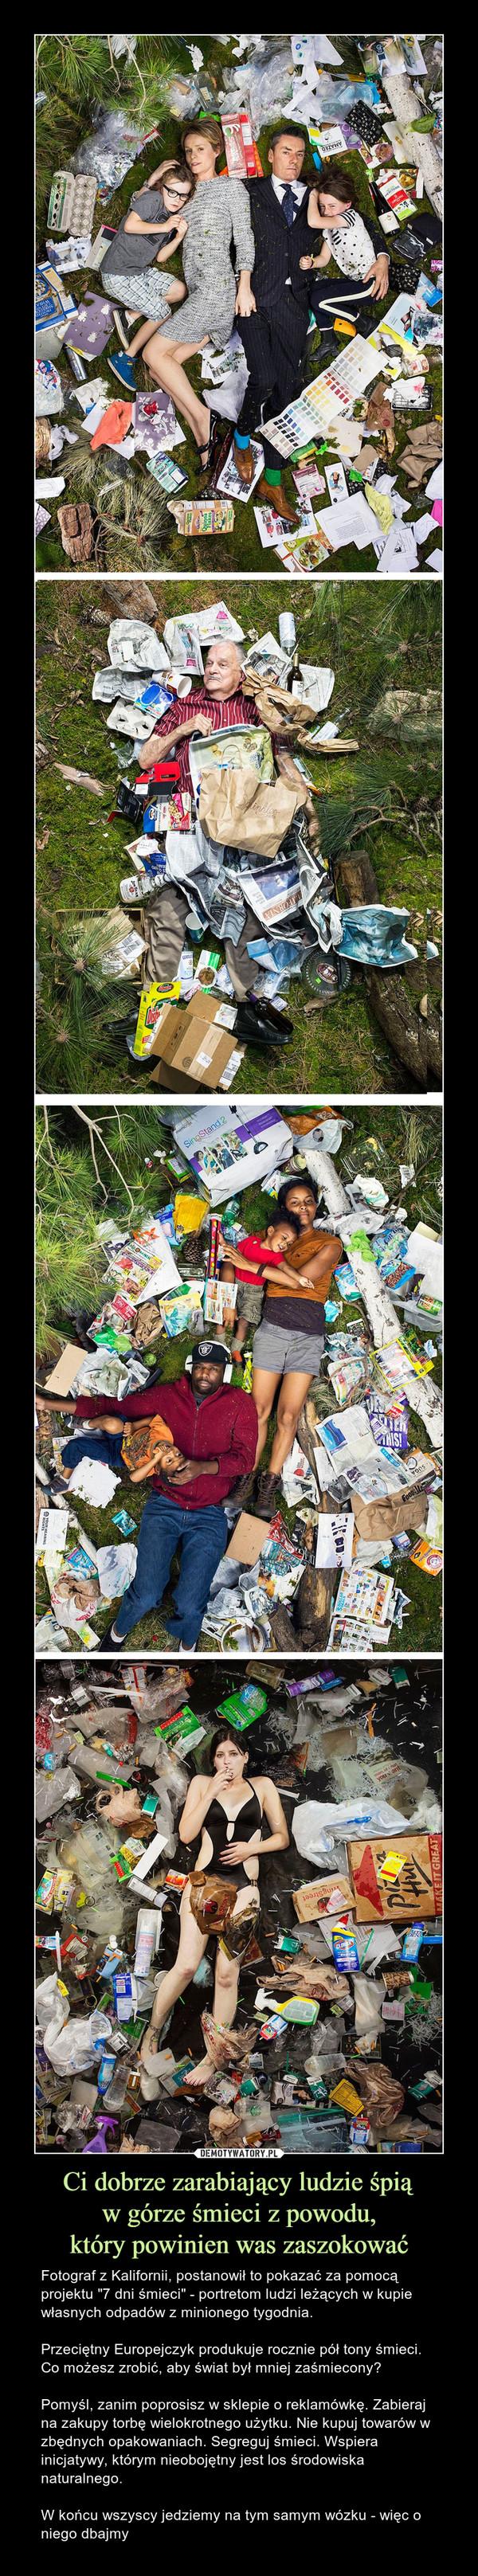 """Ci dobrze zarabiający ludzie śpiąw górze śmieci z powodu,który powinien was zaszokować – Fotograf z Kalifornii, postanowił to pokazać za pomocą projektu """"7 dni śmieci"""" - portretom ludzi leżących w kupie własnych odpadów z minionego tygodnia.Przeciętny Europejczyk produkuje rocznie pół tony śmieci. Co możesz zrobić, aby świat był mniej zaśmiecony?Pomyśl, zanim poprosisz w sklepie o reklamówkę. Zabieraj na zakupy torbę wielokrotnego użytku. Nie kupuj towarów w zbędnych opakowaniach. Segreguj śmieci. Wspiera inicjatywy, którym nieobojętny jest los środowiska naturalnego.W końcu wszyscy jedziemy na tym samym wózku - więc o niego dbajmy"""